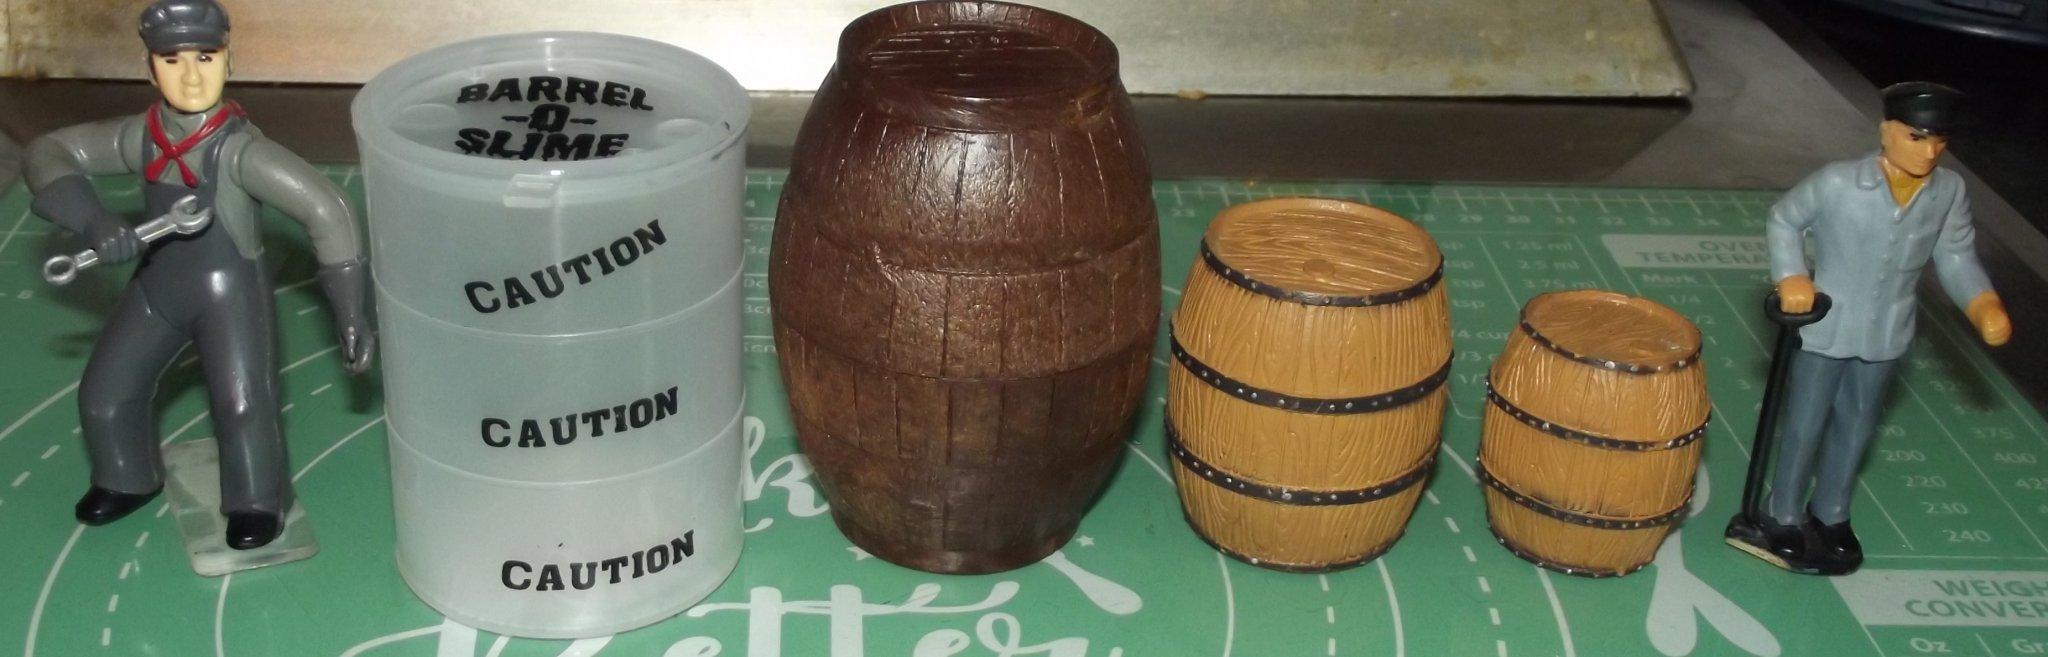 drums n barrels (3).JPG